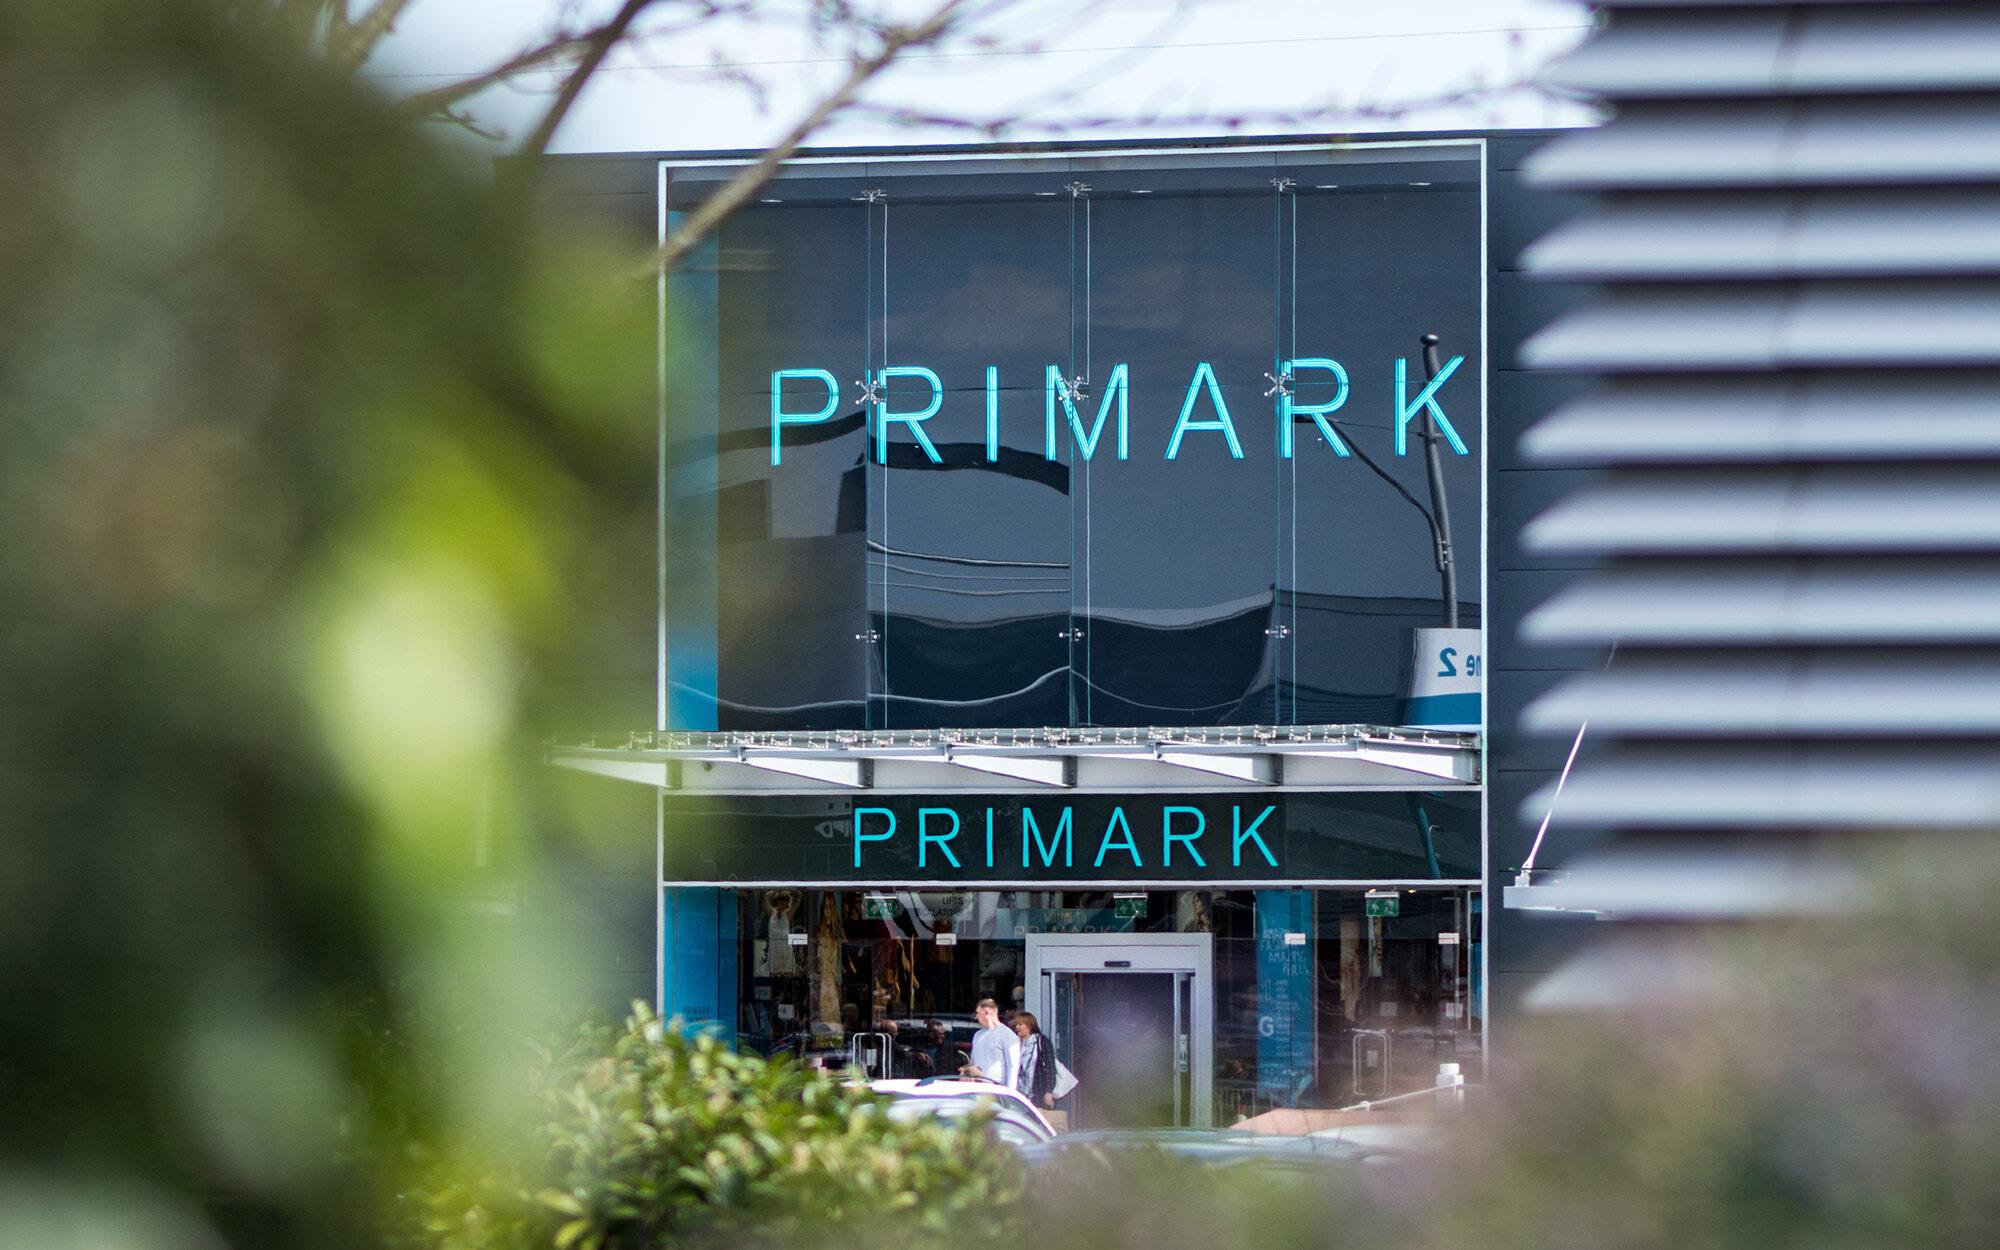 Primark - The Fort, Birmingham